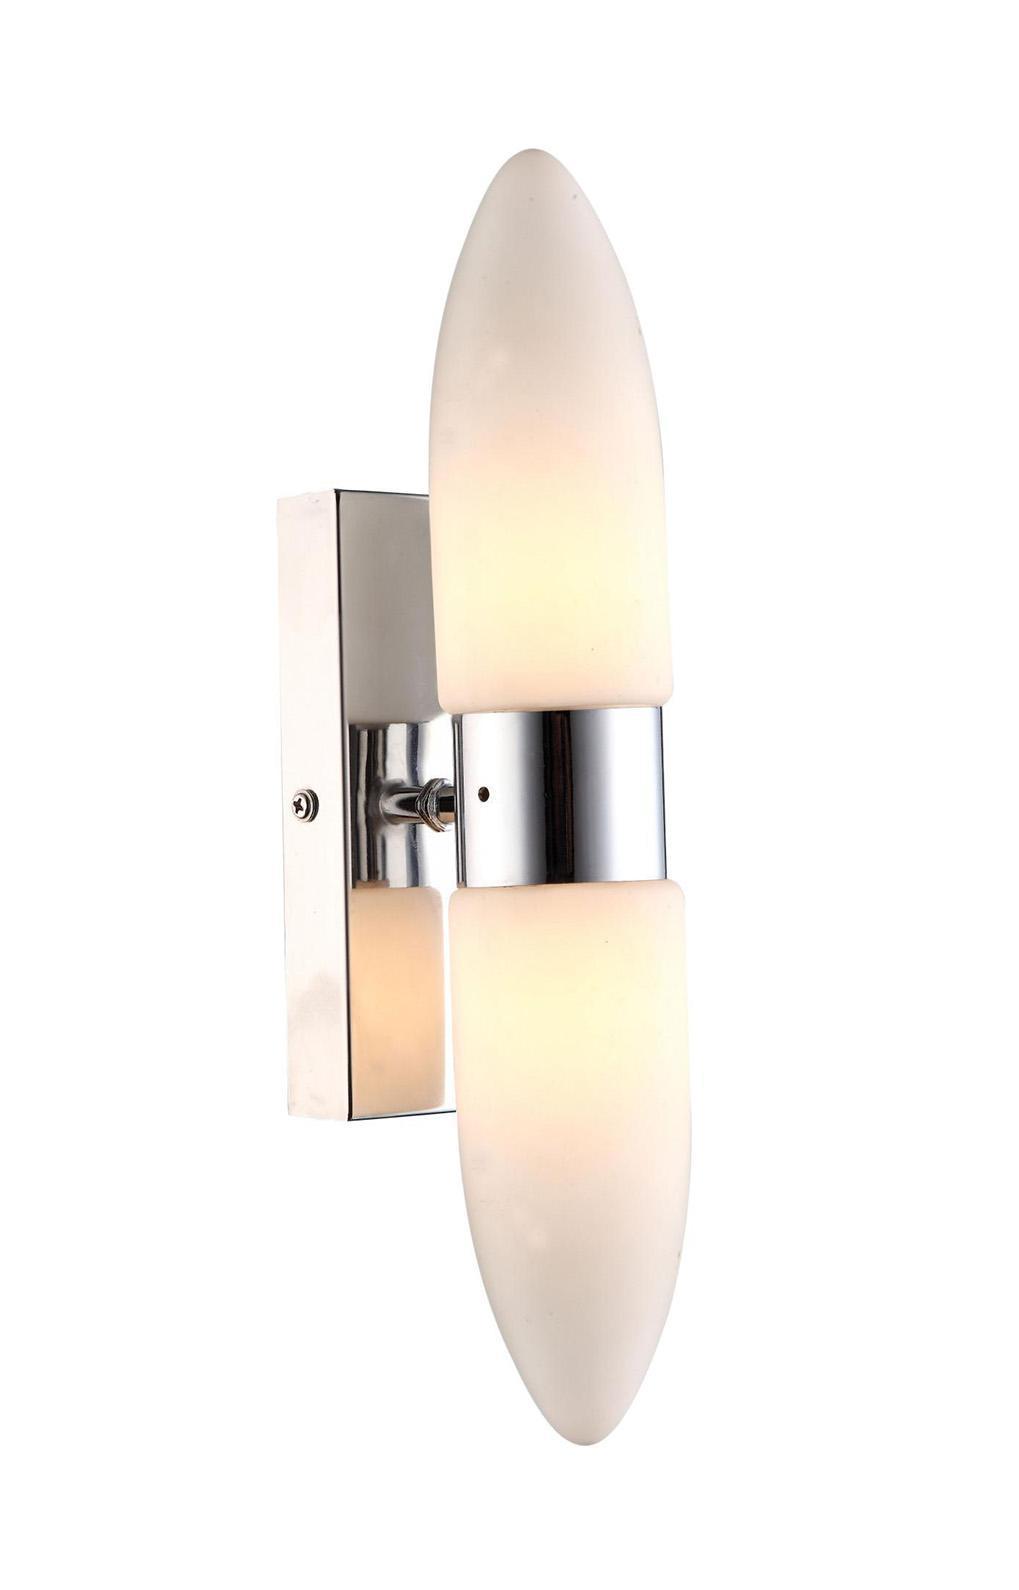 Светильник для ванной комнаты Arte lamp A9502ap-2cc светильник на штанге arte lamp aqua a9502ap 2cc